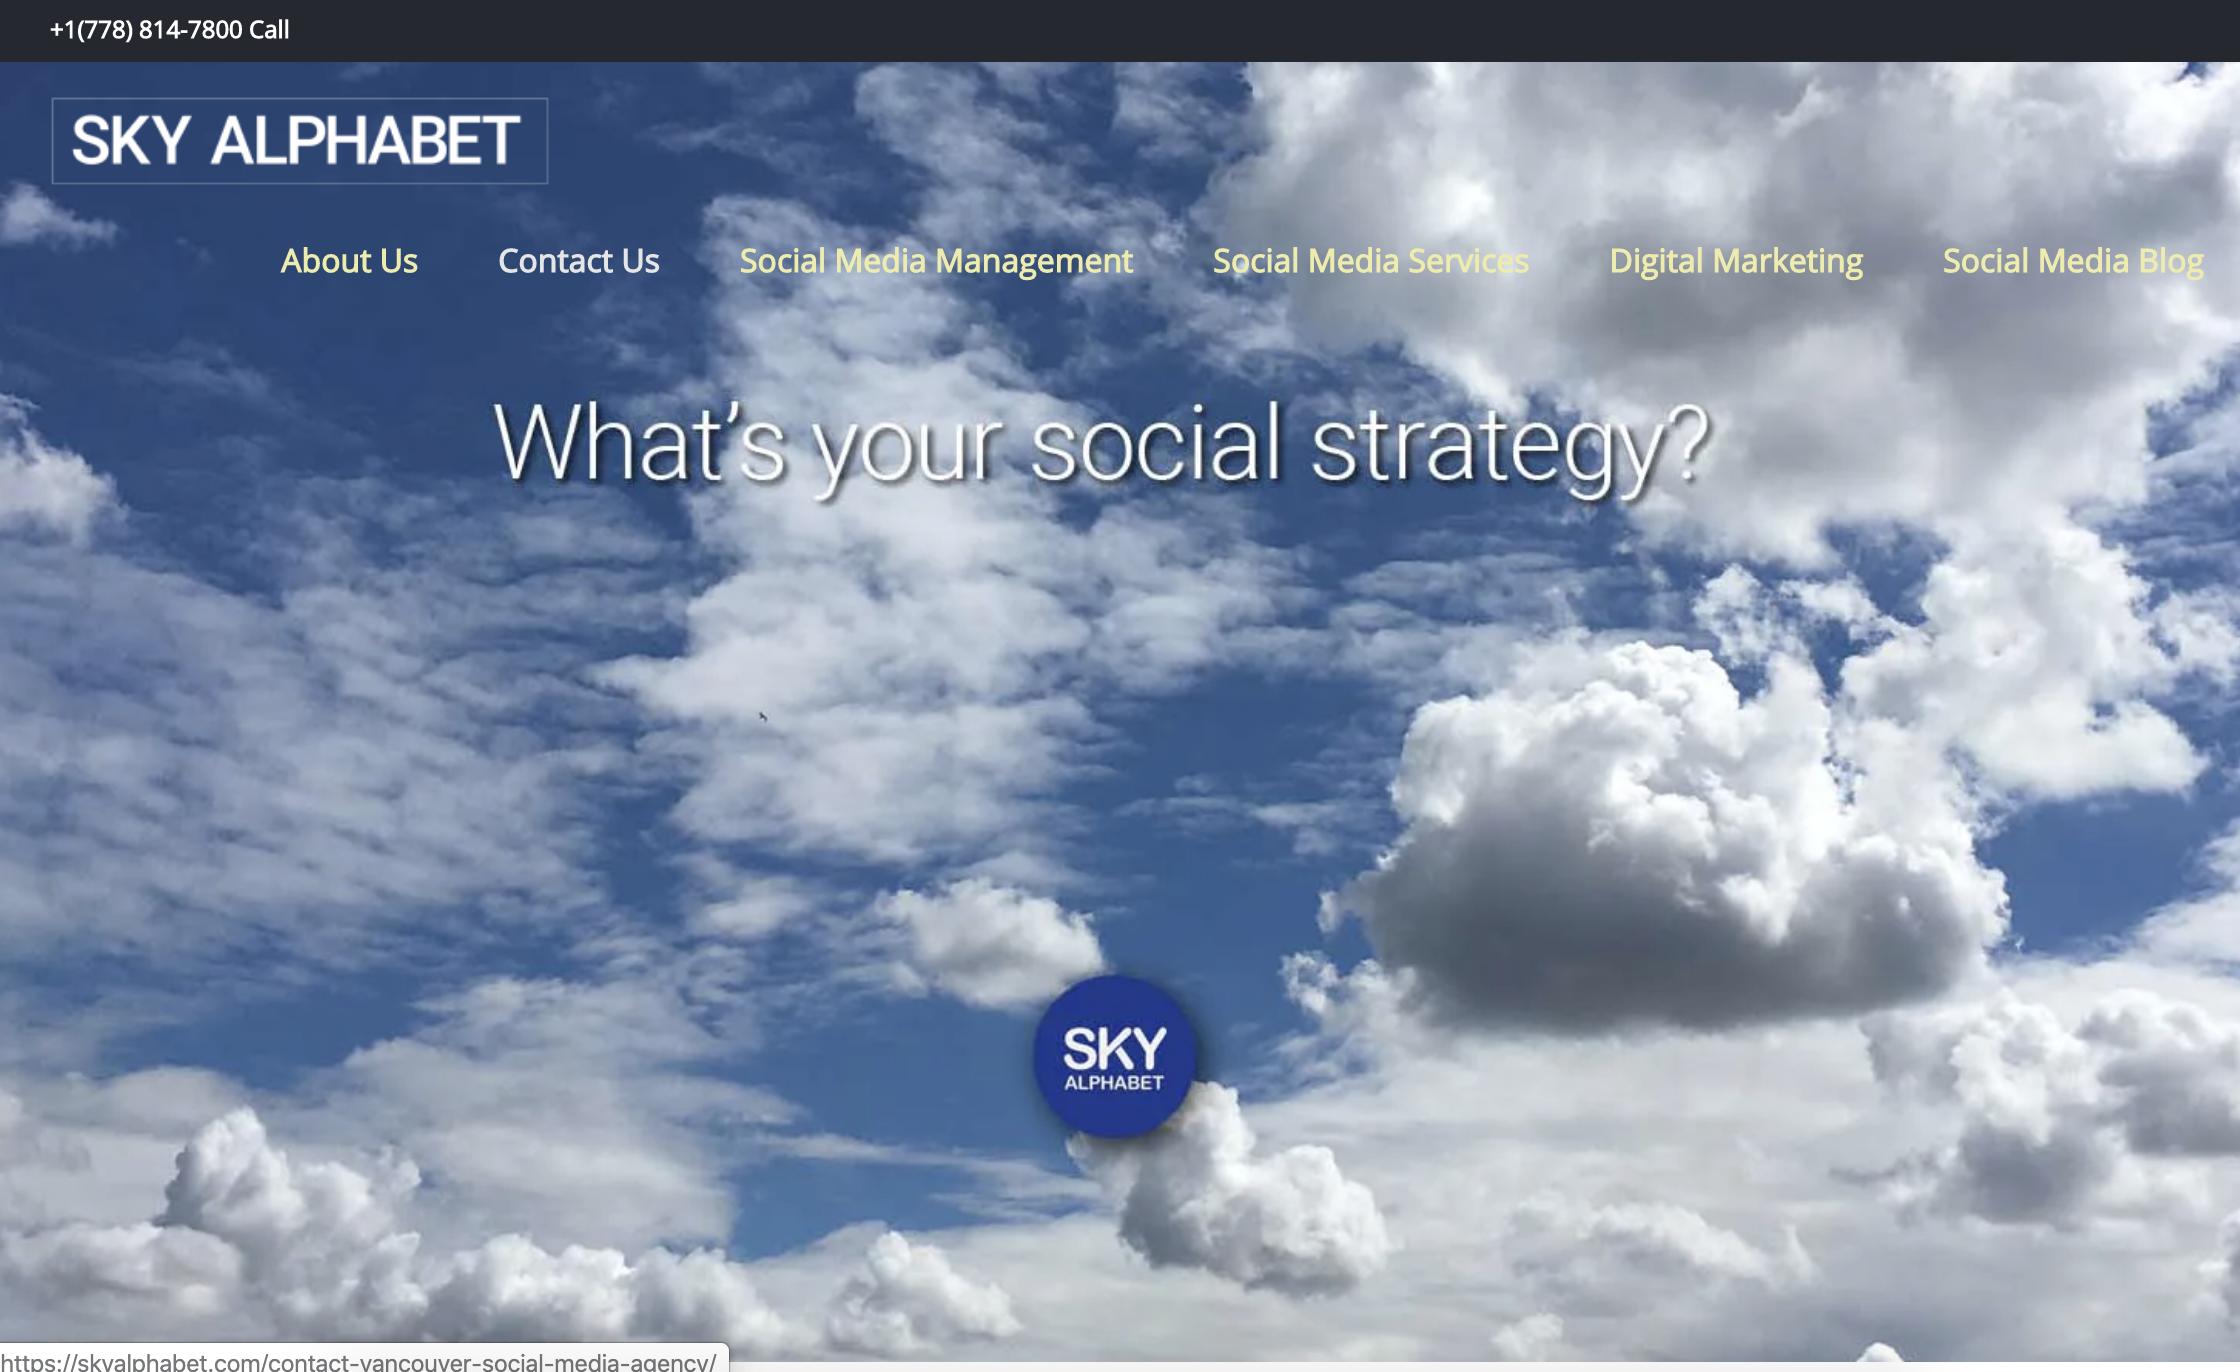 Sky Alphabet Social Media